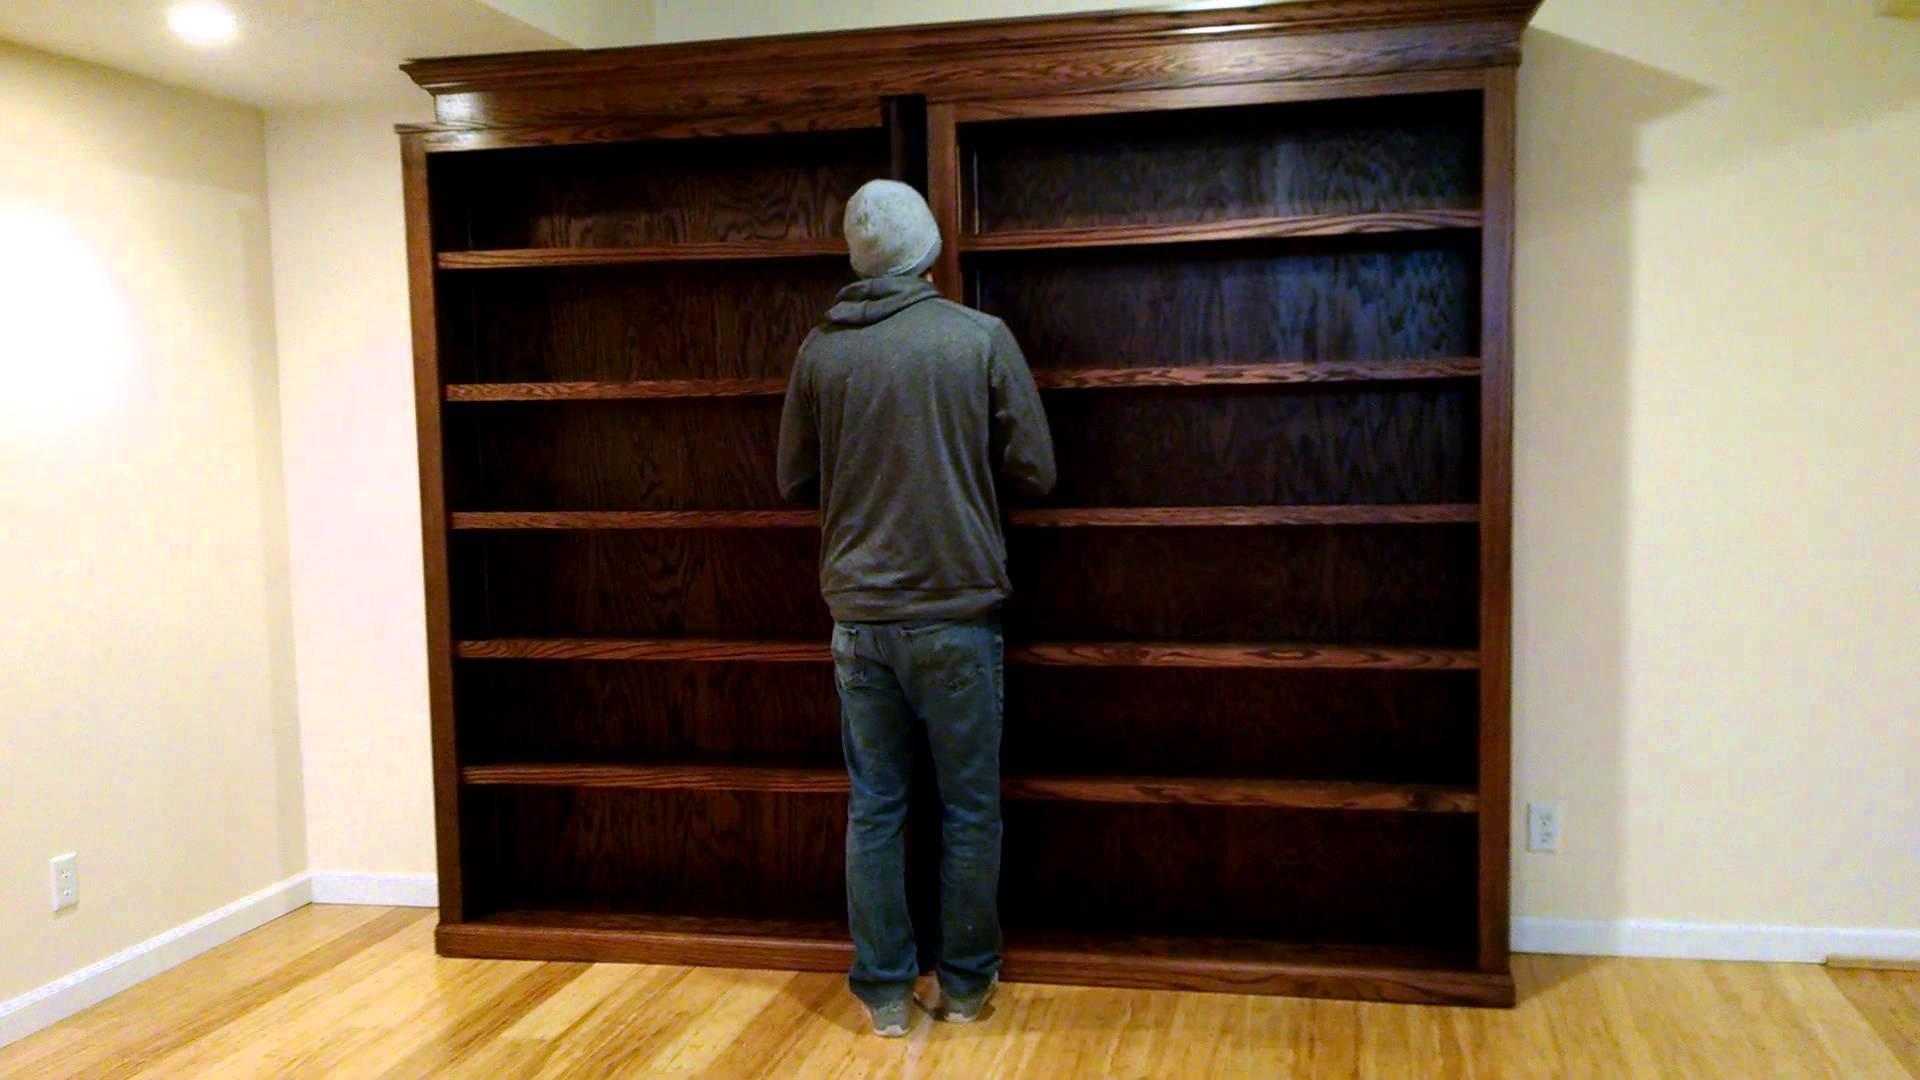 Hidden Door Bookcases With Well Known Sliding Bookcase/hidden Door – Youtube (View 4 of 15)